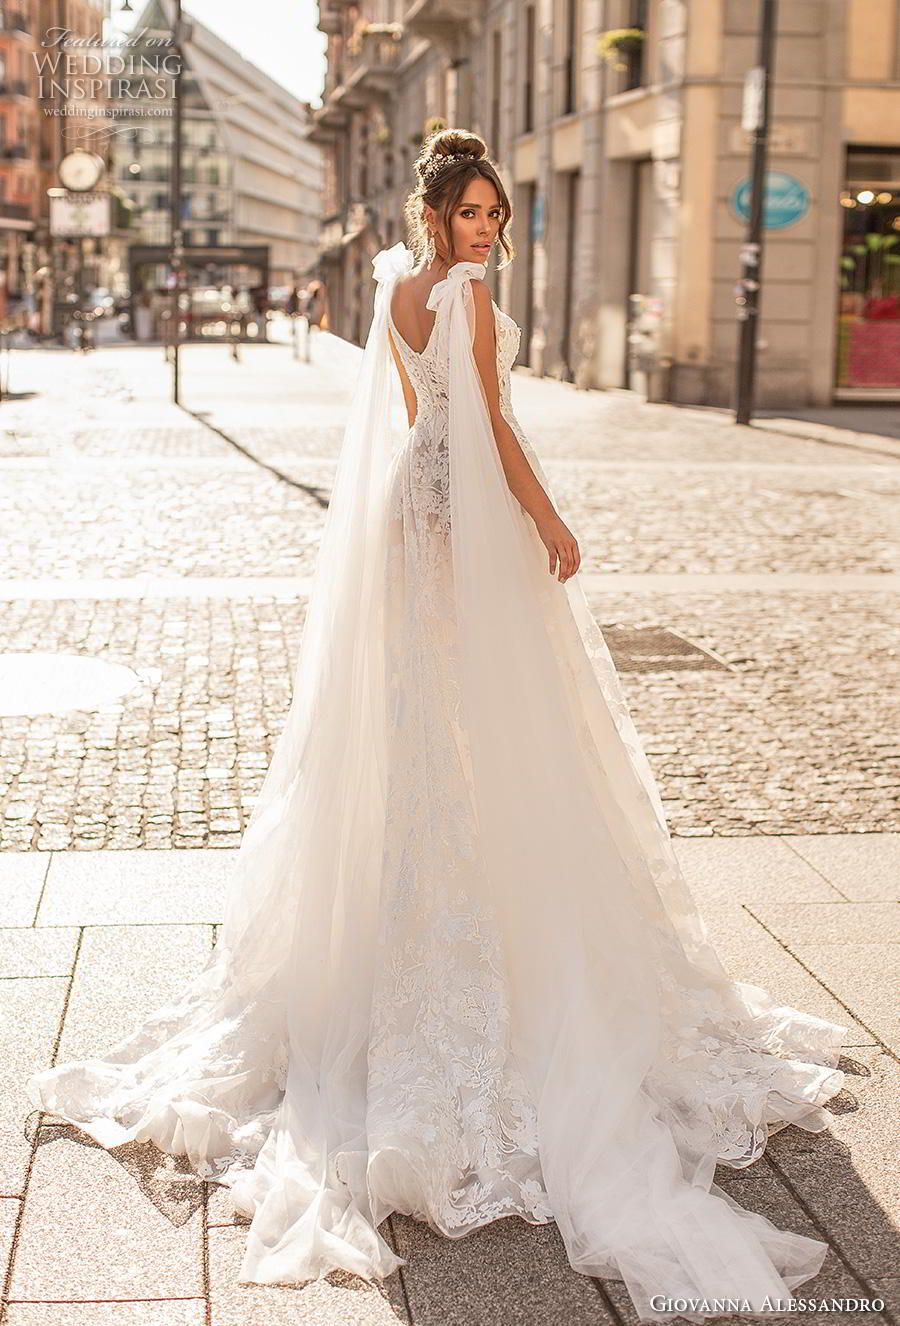 Giovanna Alessandro 2019 Robes De Mariee Robe De Mariee Incroyable Robe De Mariee Belle Robe De Mariee